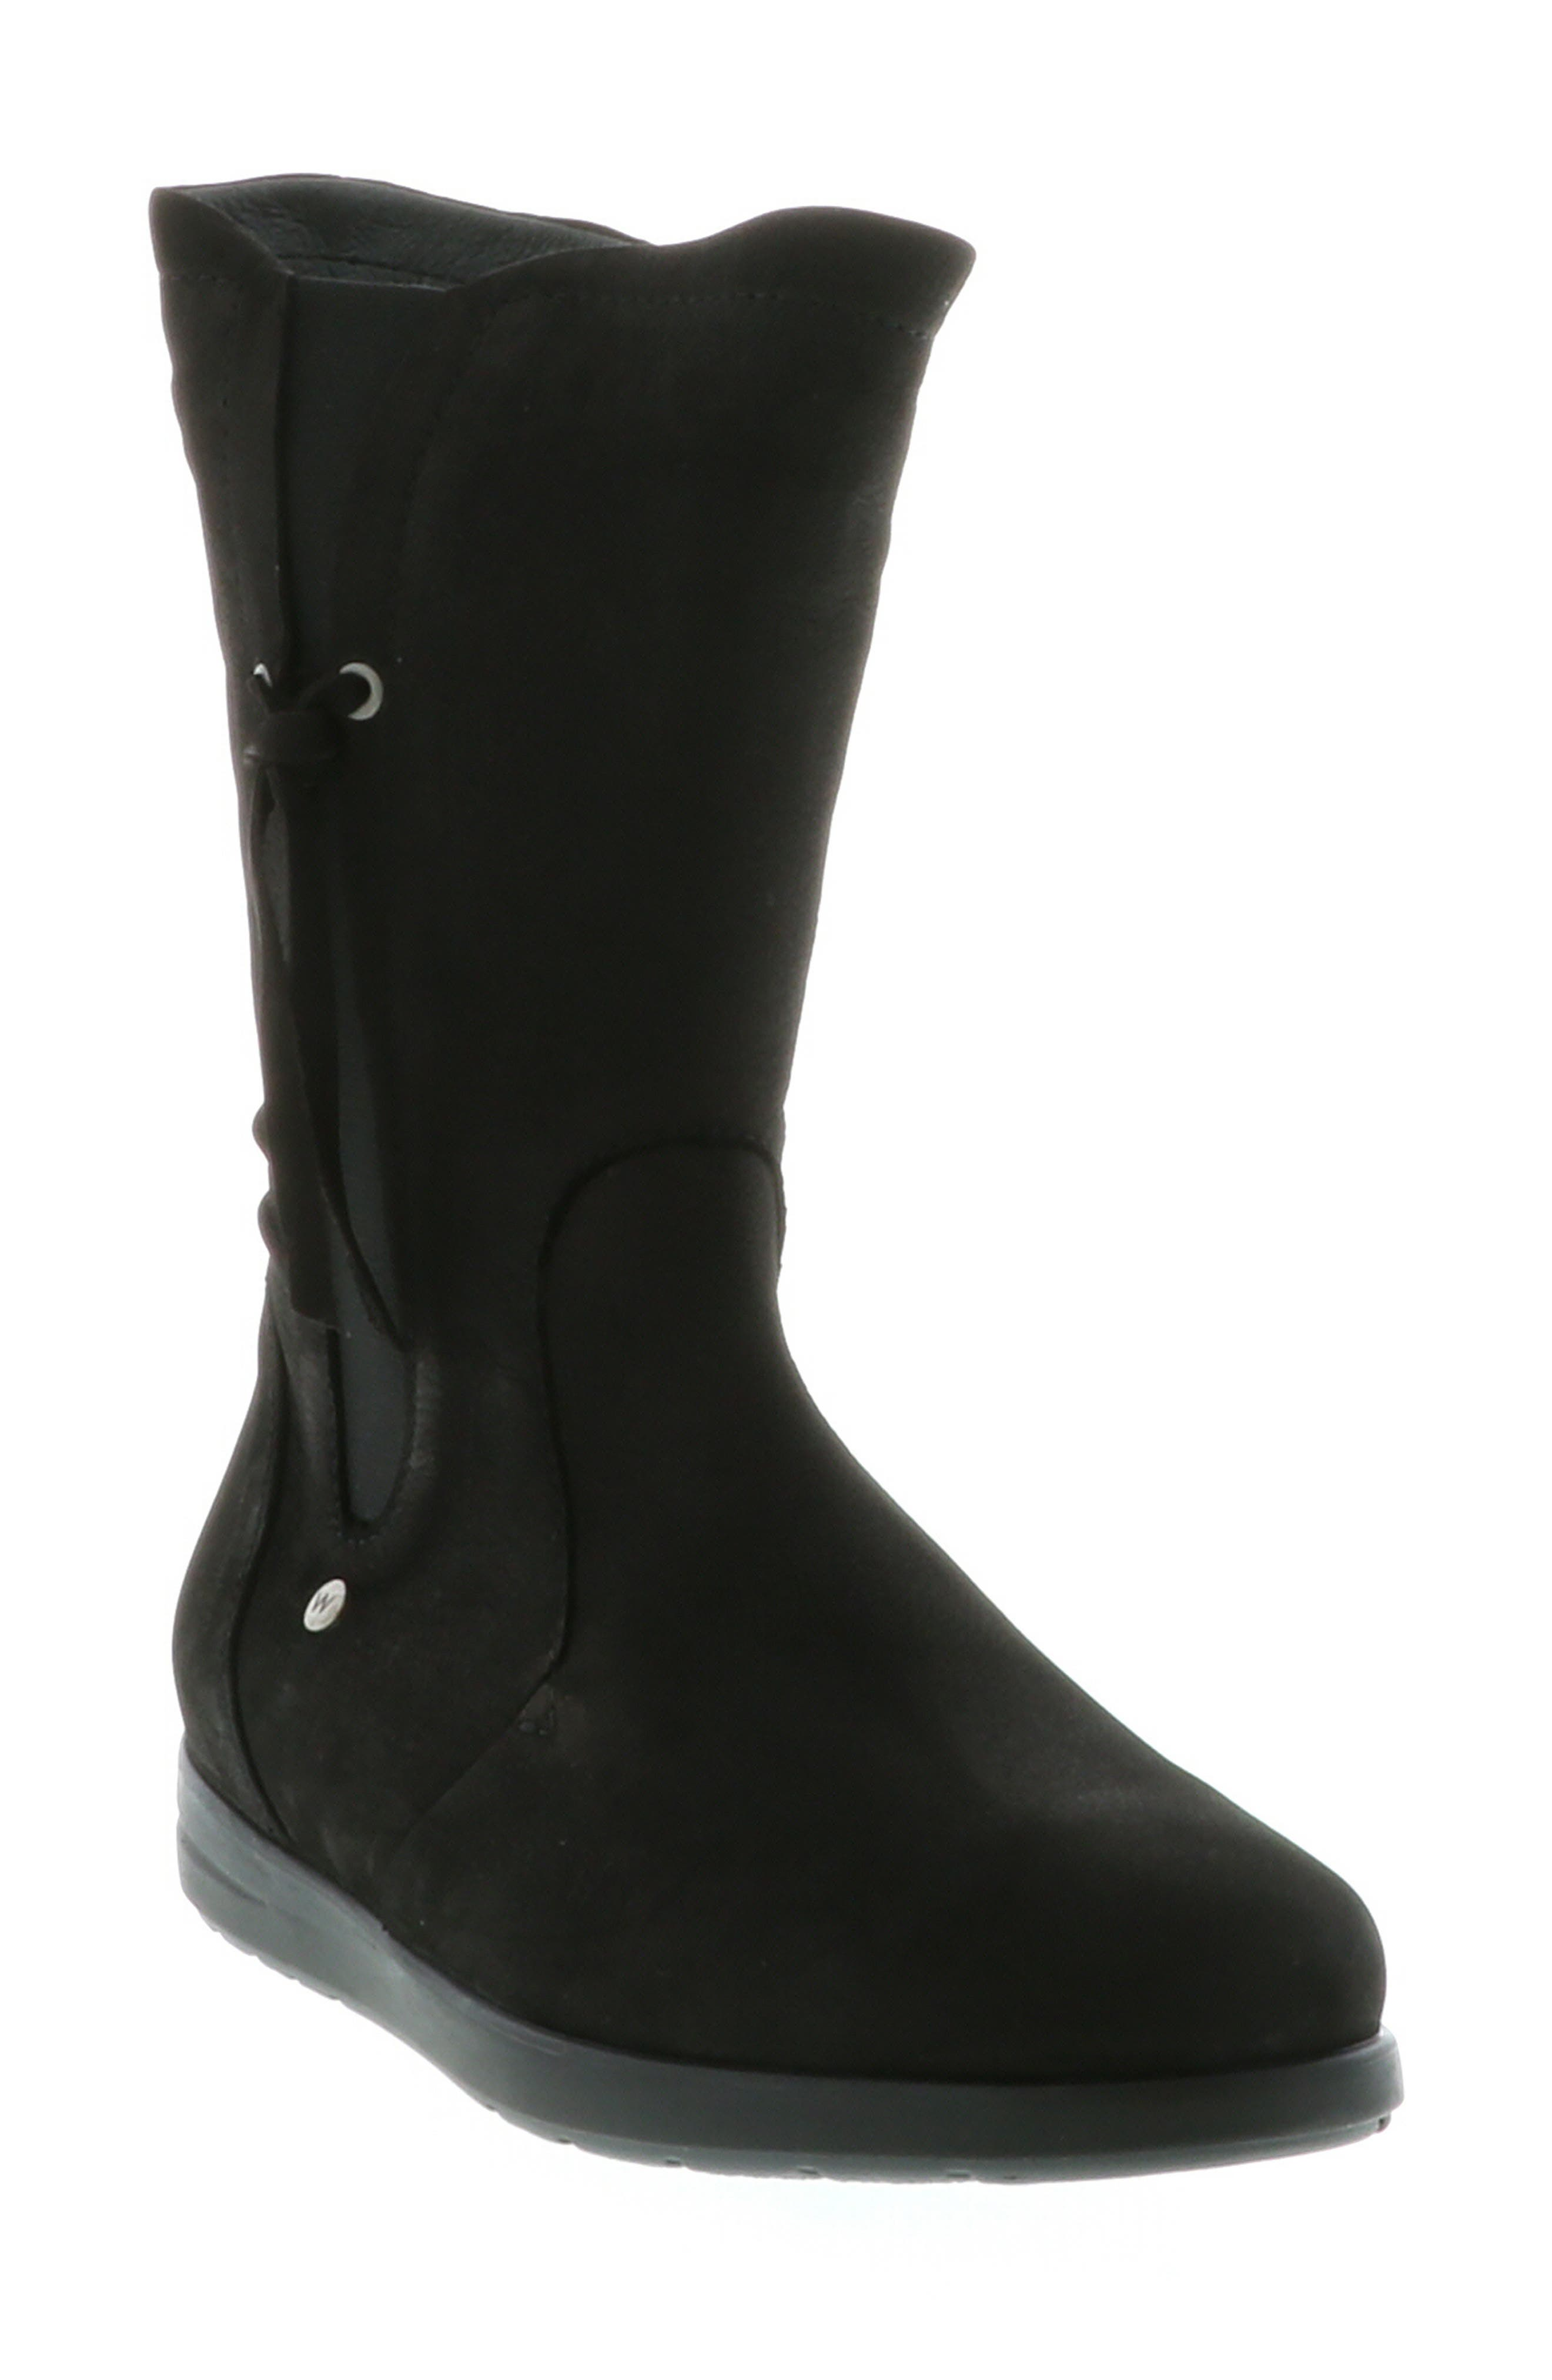 Wolky Newton Waterproof Boot - Black